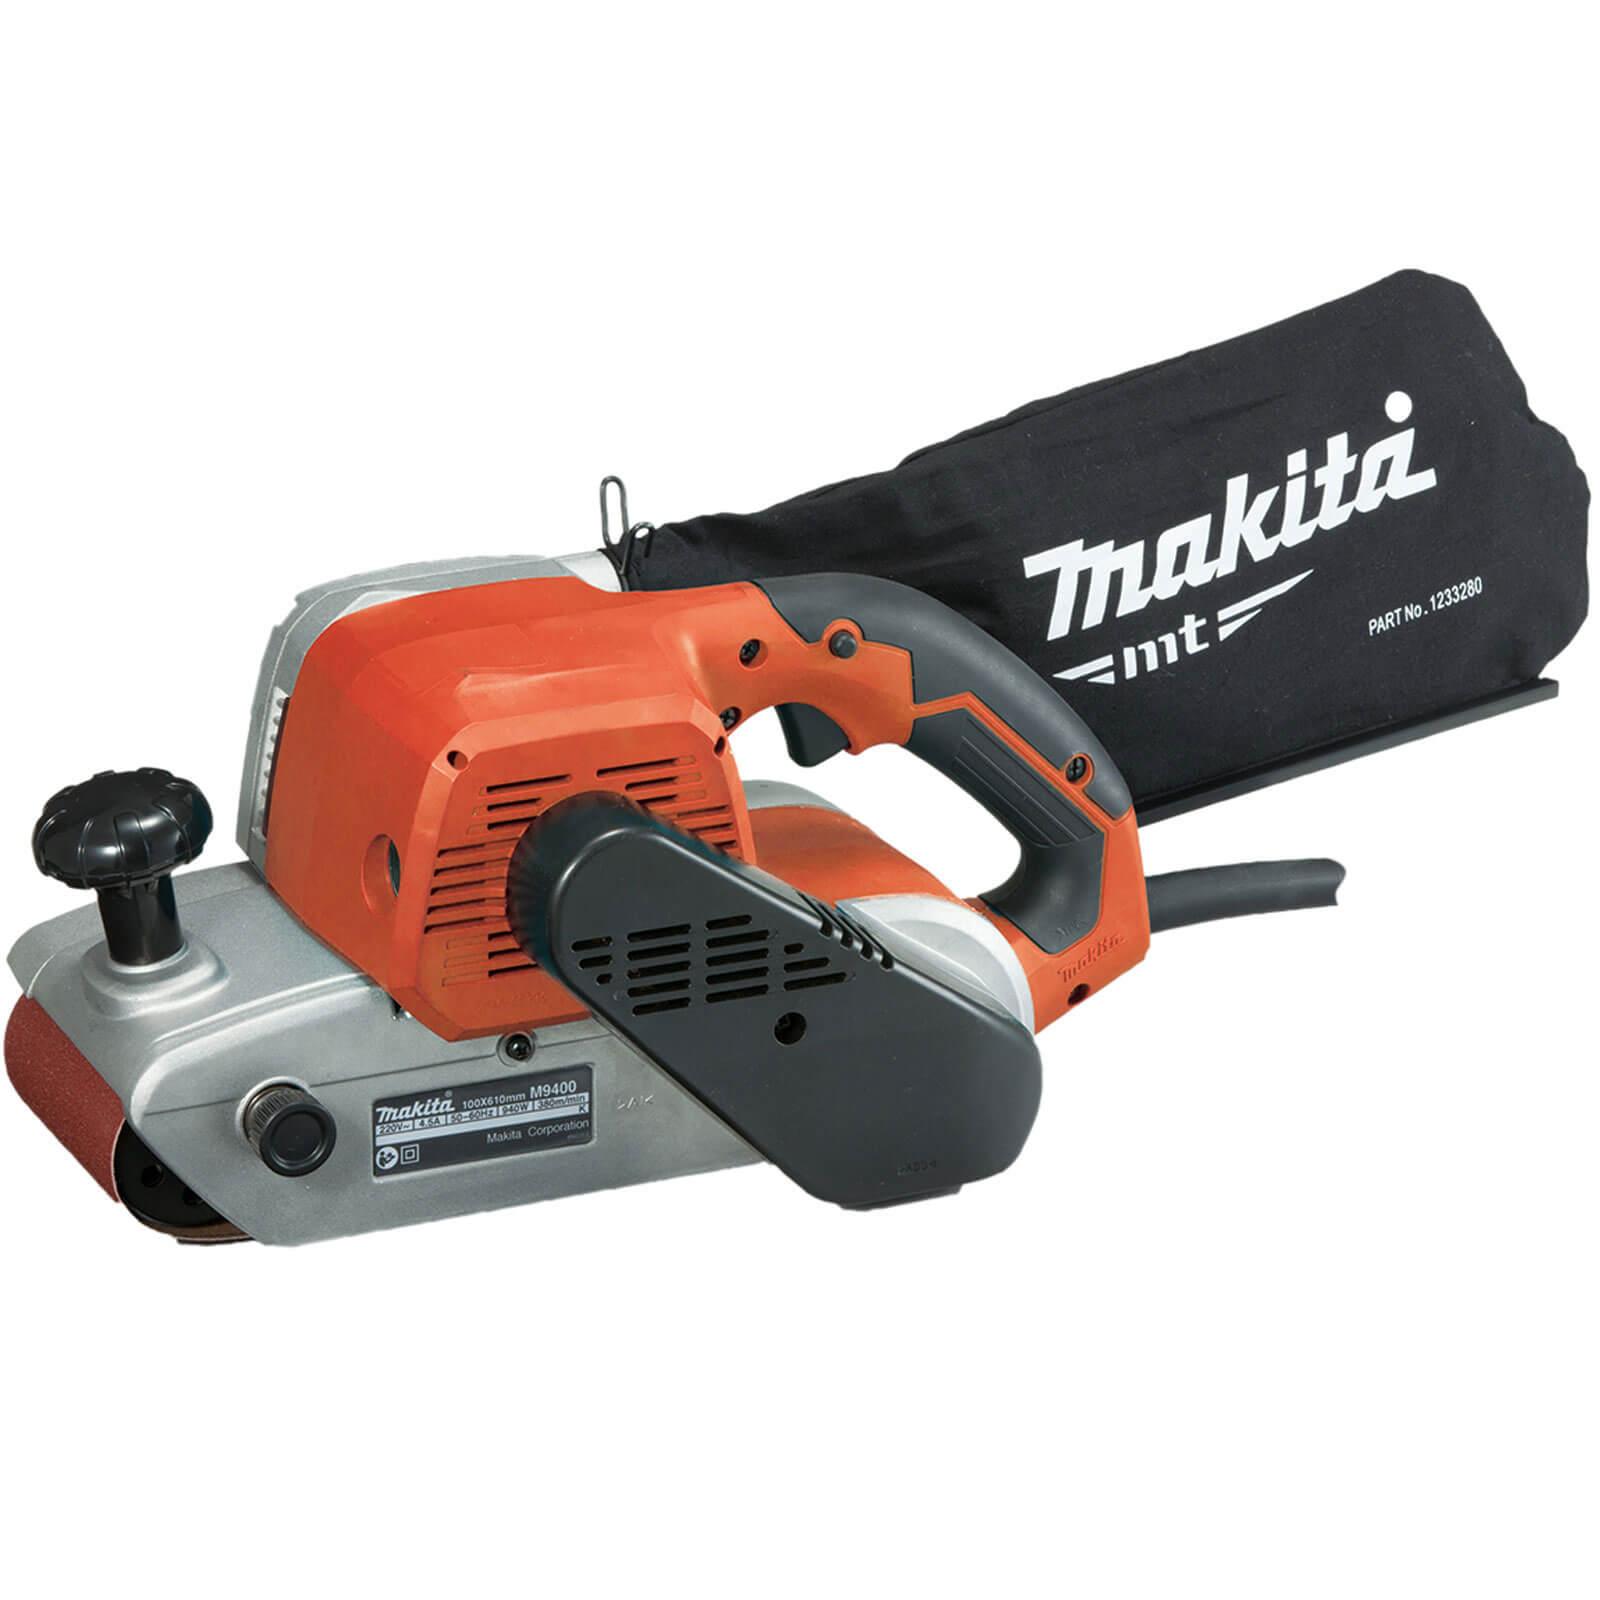 Image of Makita MT Series M9400 100mm Belt Sander 240v